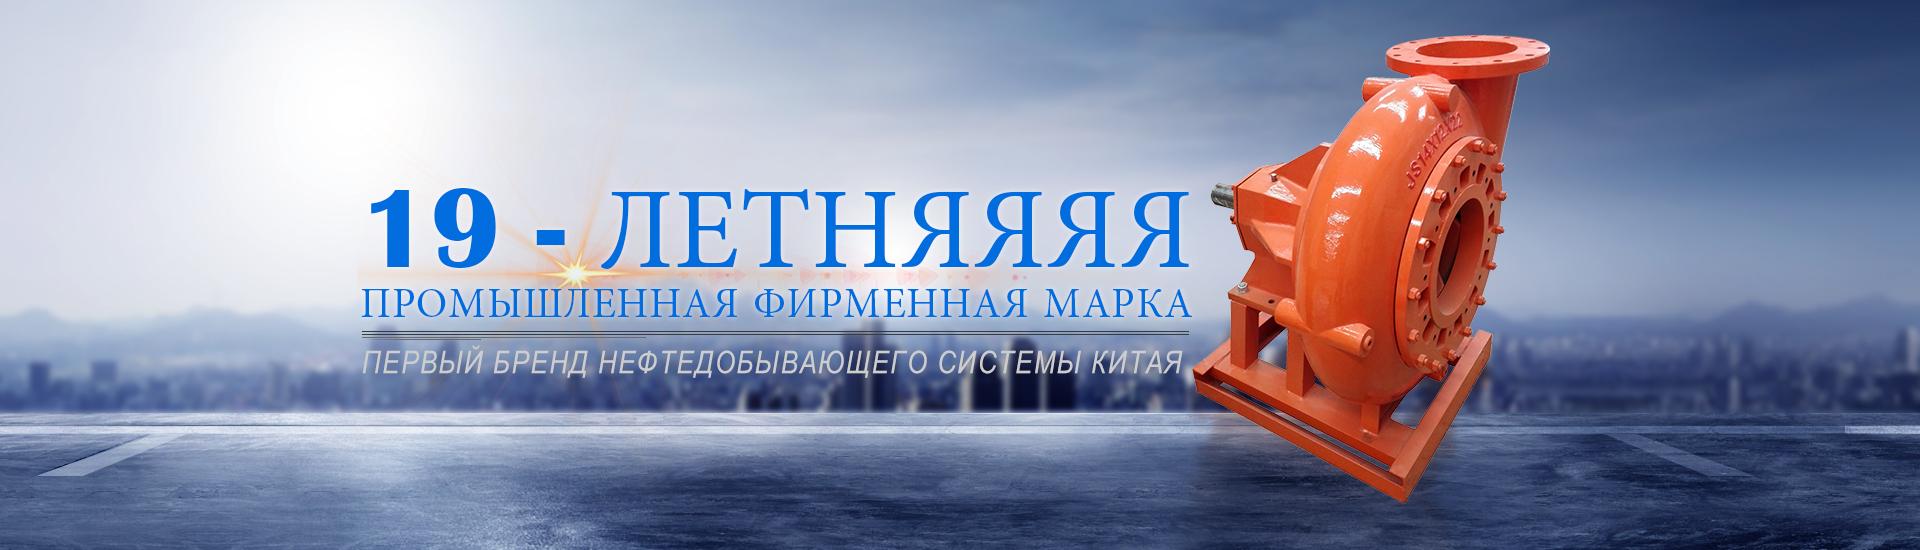 俄文焦点图1